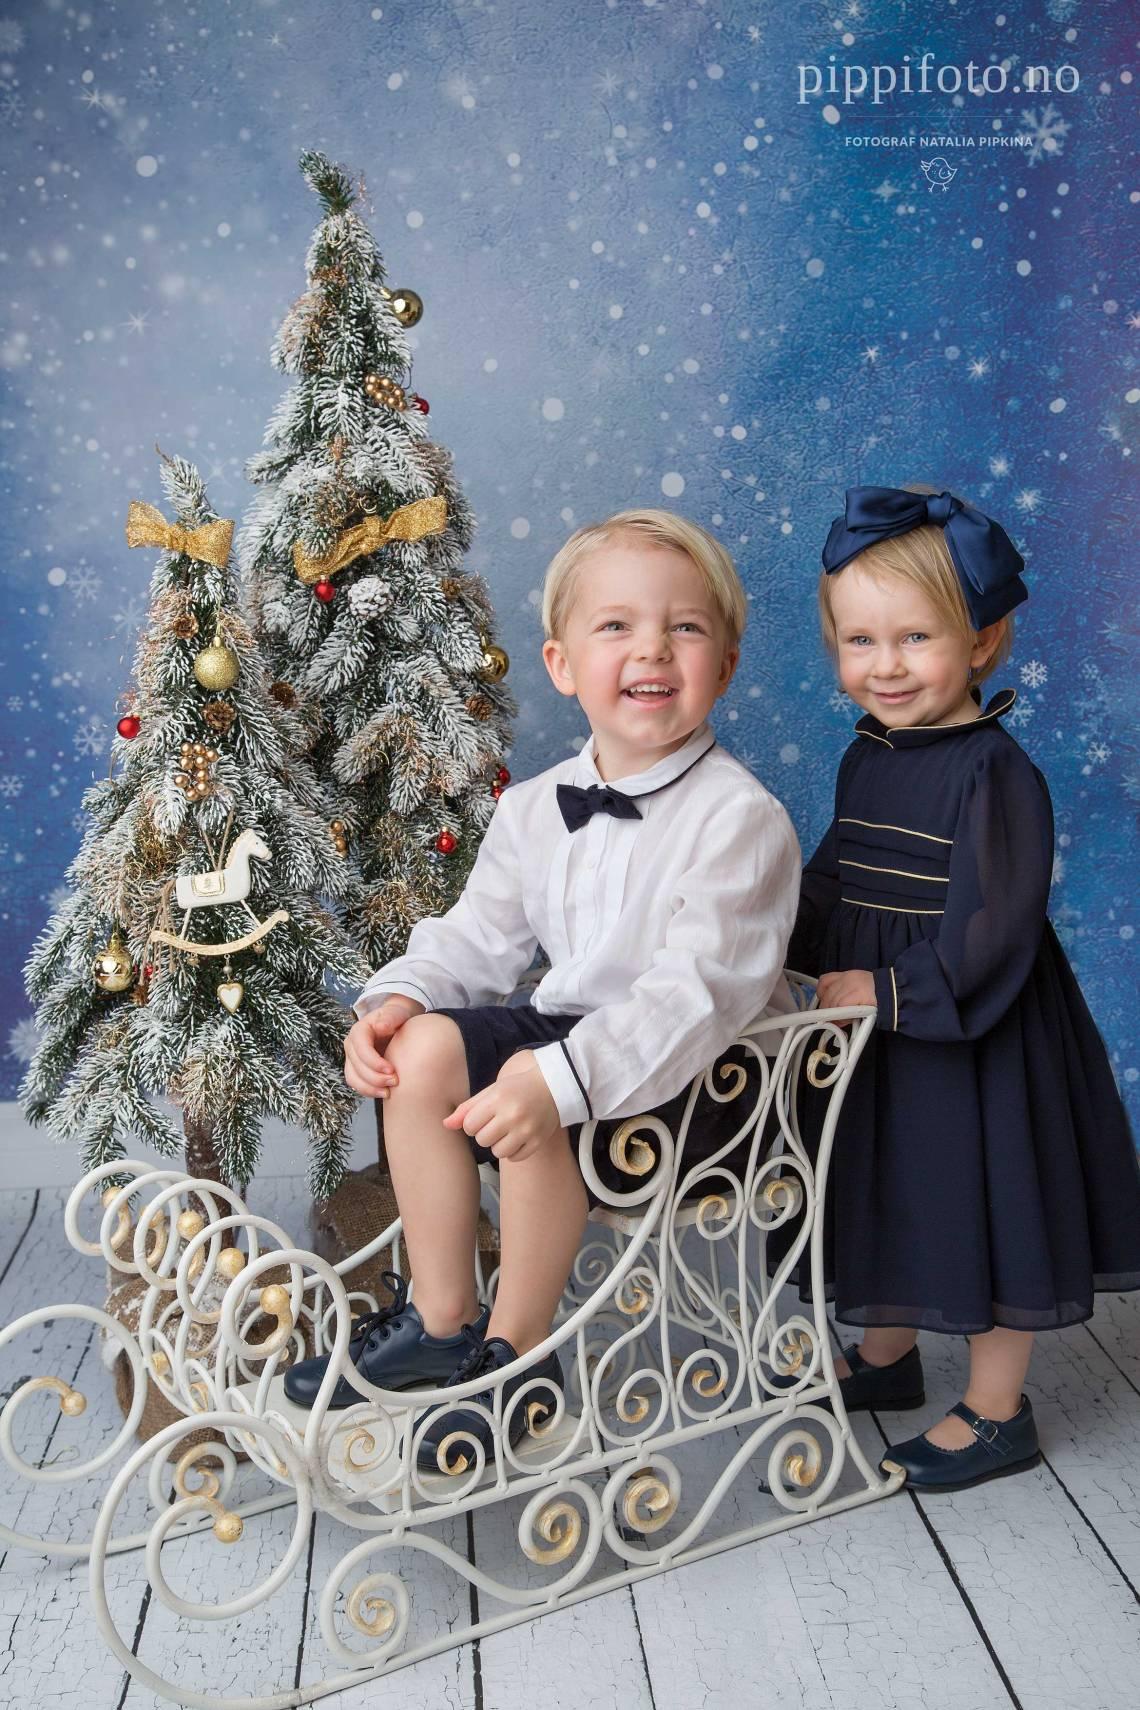 barnefotografering-julekort-julekortfotografering-søskenfotografering